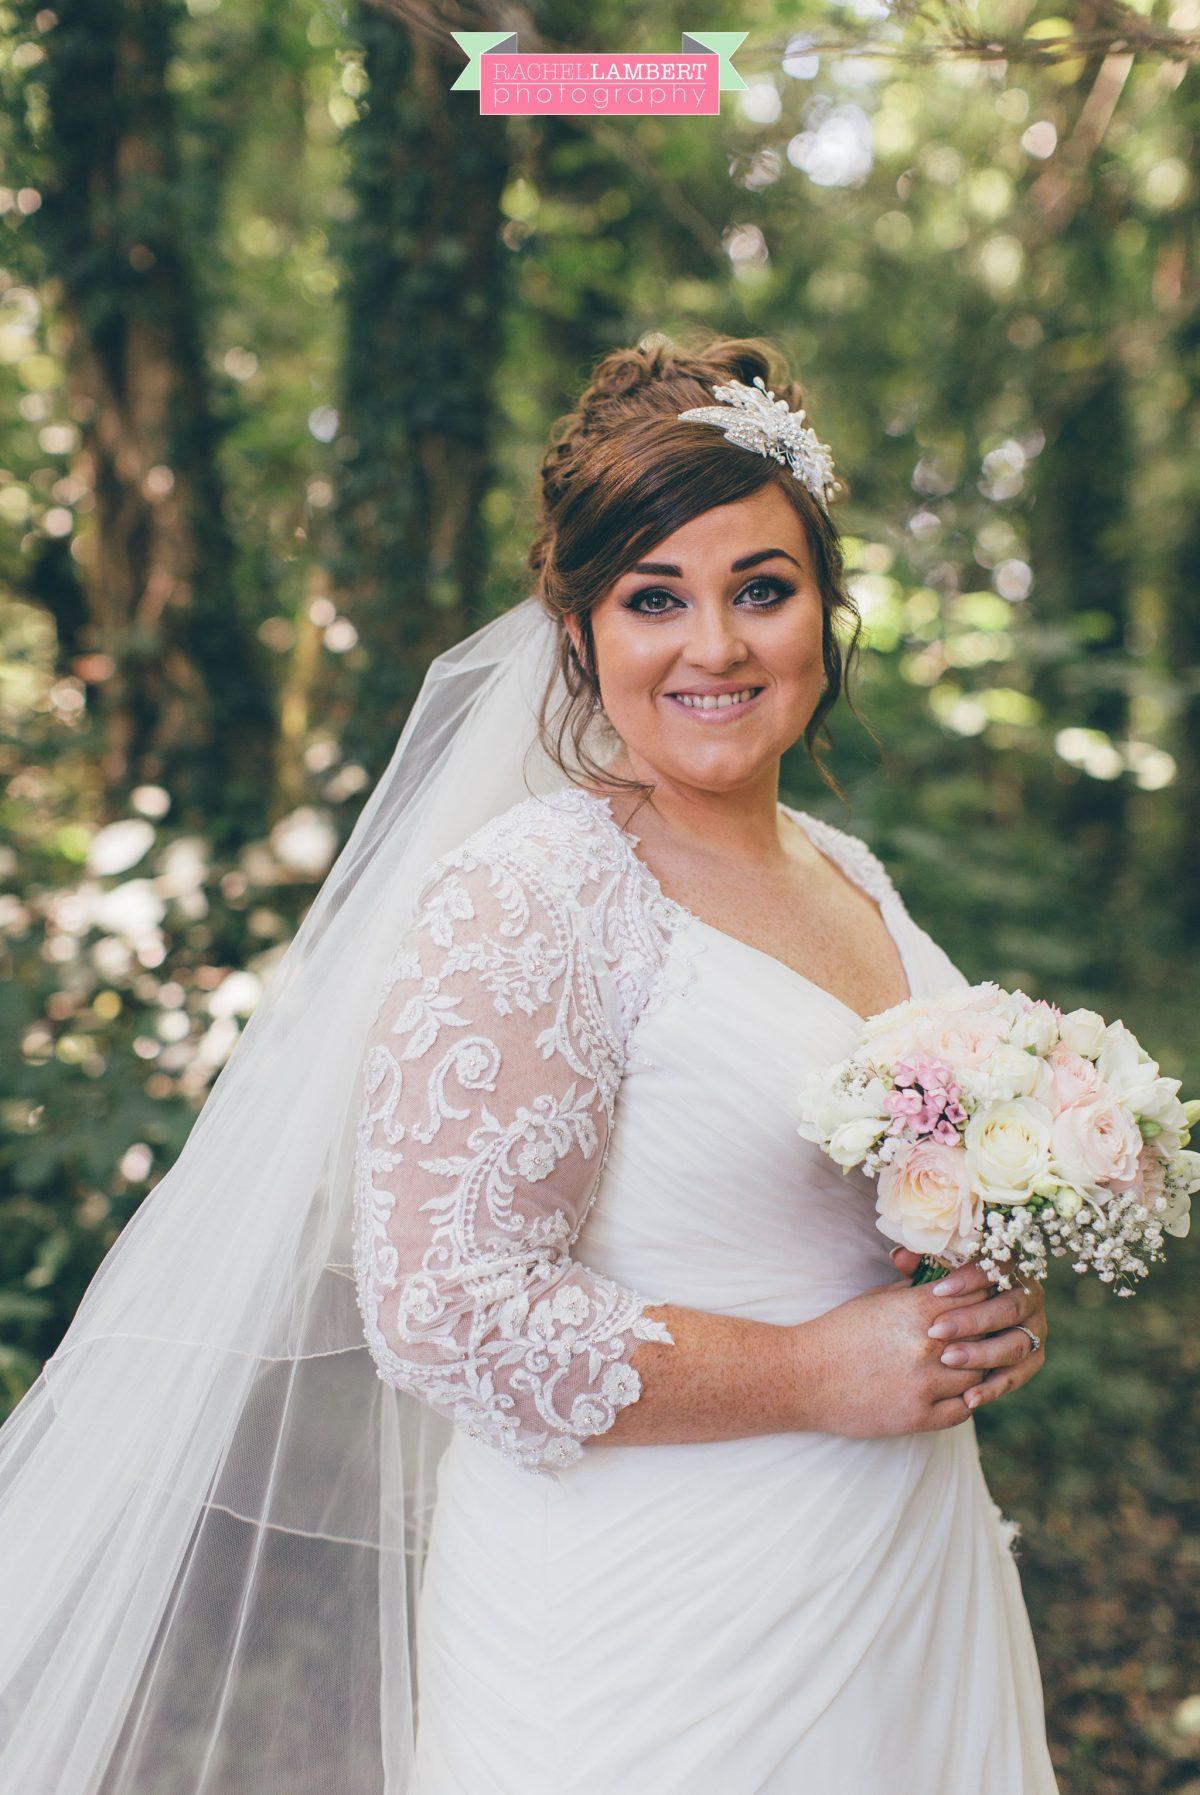 welsh_wedding_photographer_rachel_lambert_photography_pencoed_house_cardiff_rachel_nathan_ 48